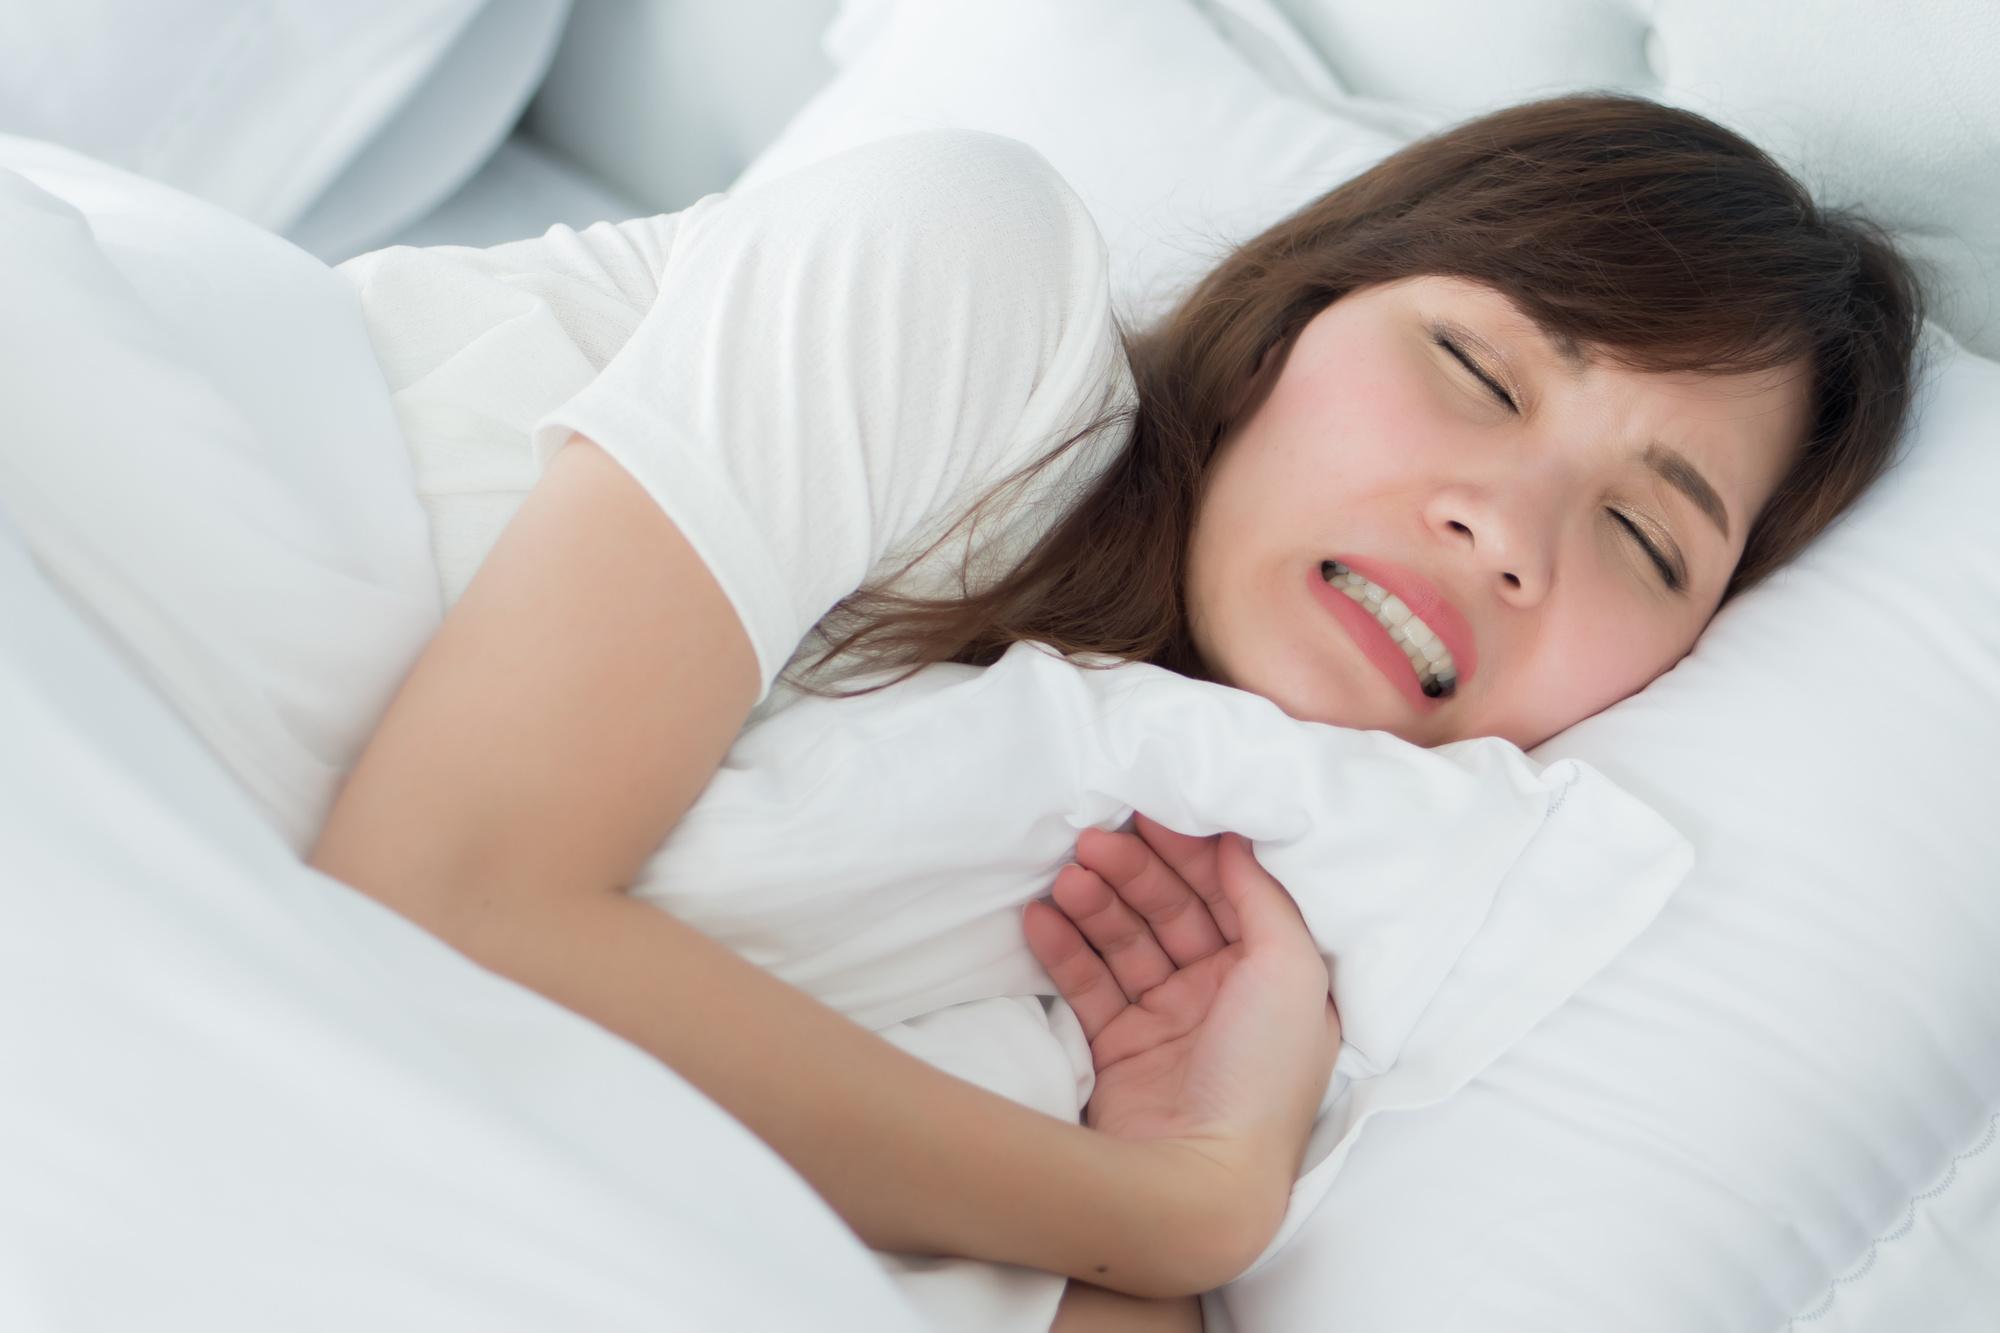 teeth grinding causes